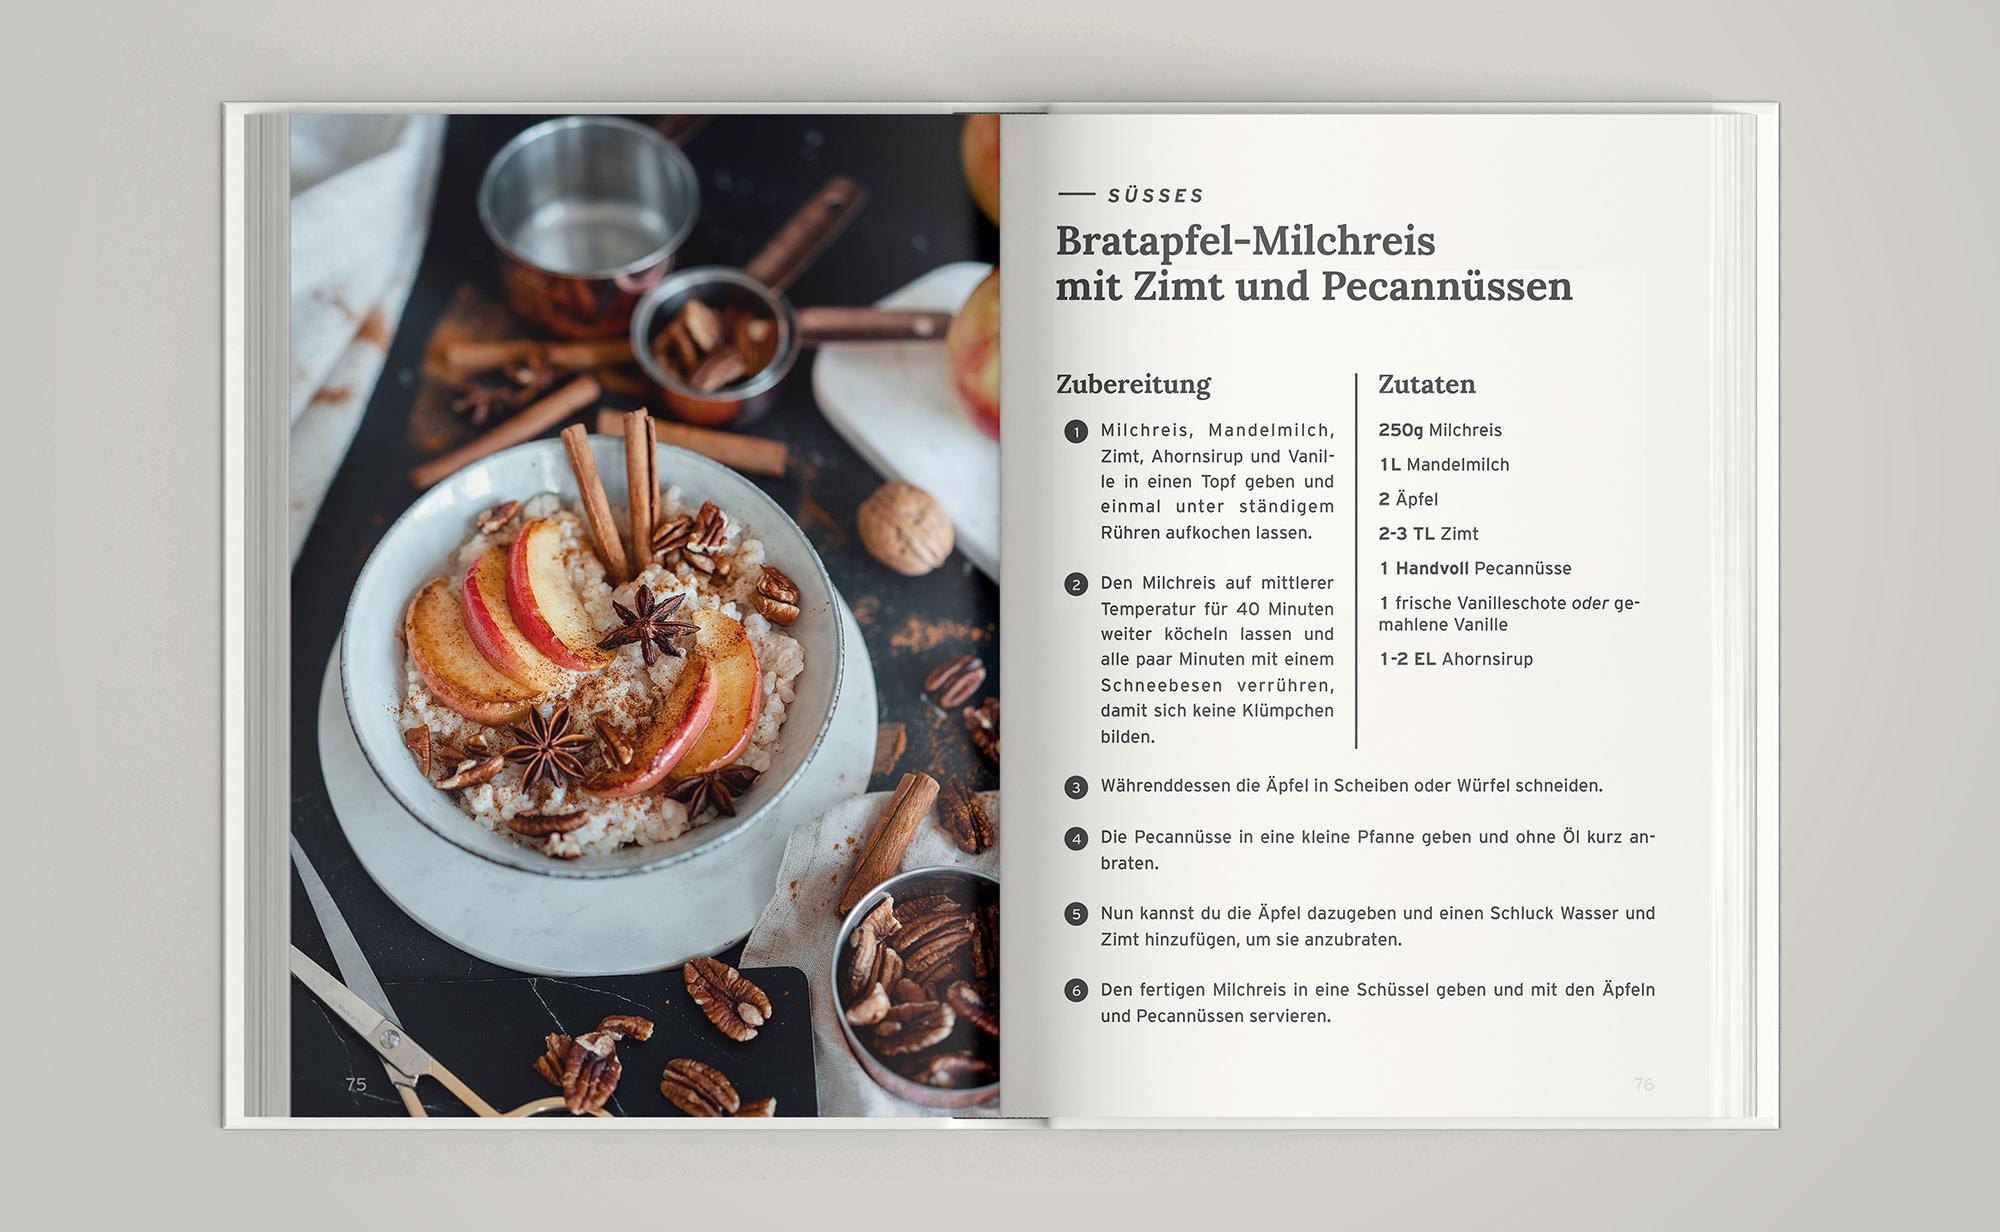 Soulfood zum Wohlfühlen - vegane Rezepte für Herbst und Winter Bratapfel Milchreis